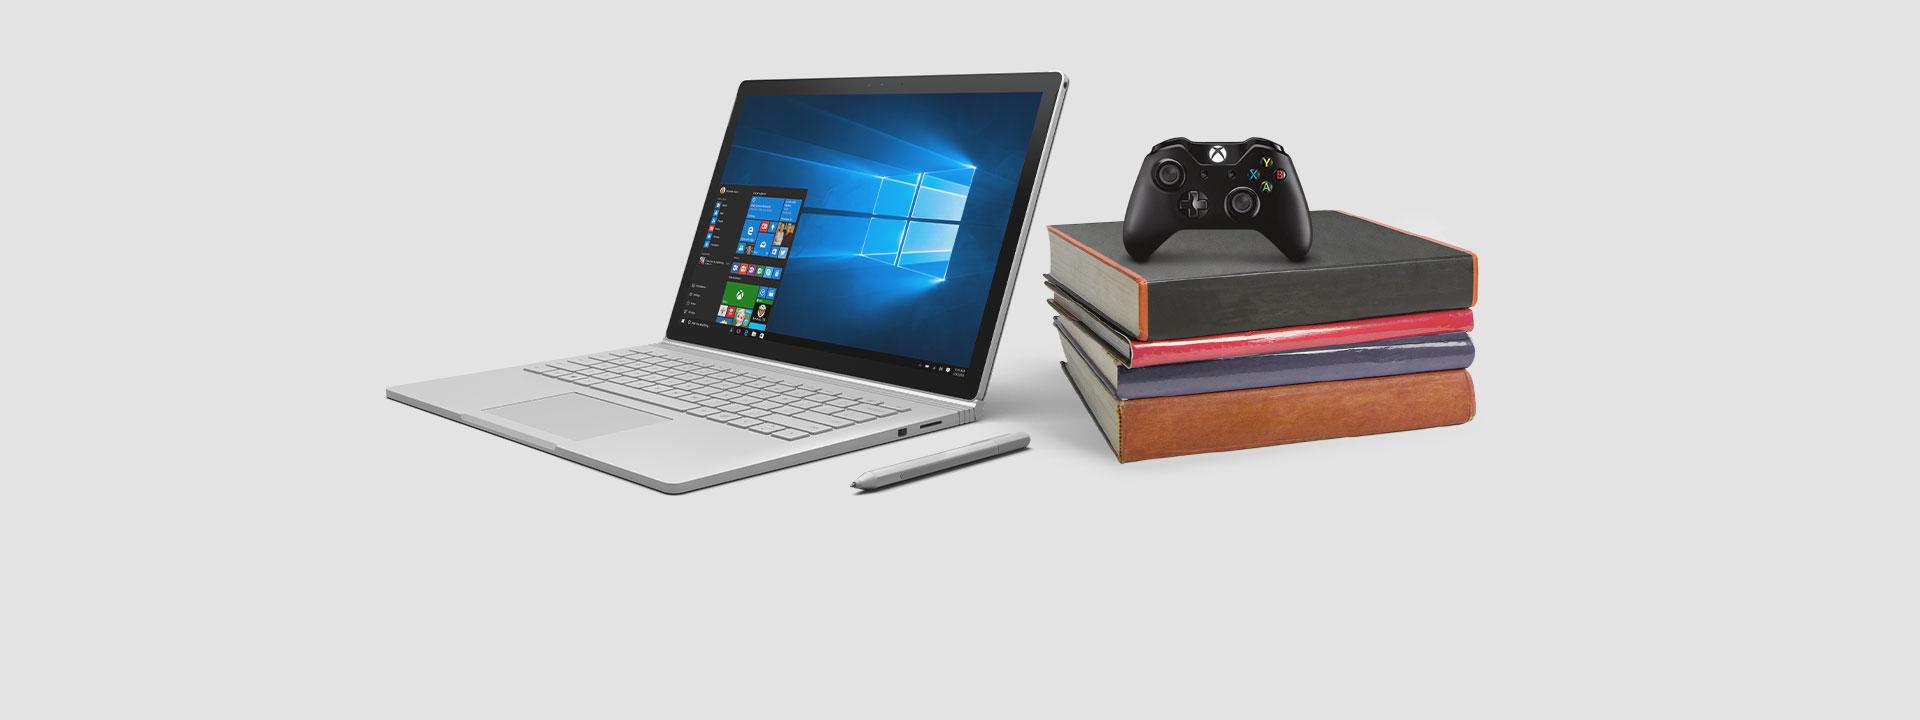 SurfaceBook avec une manette Xbox, en savoir plus sur notre offre d'une durée limitée